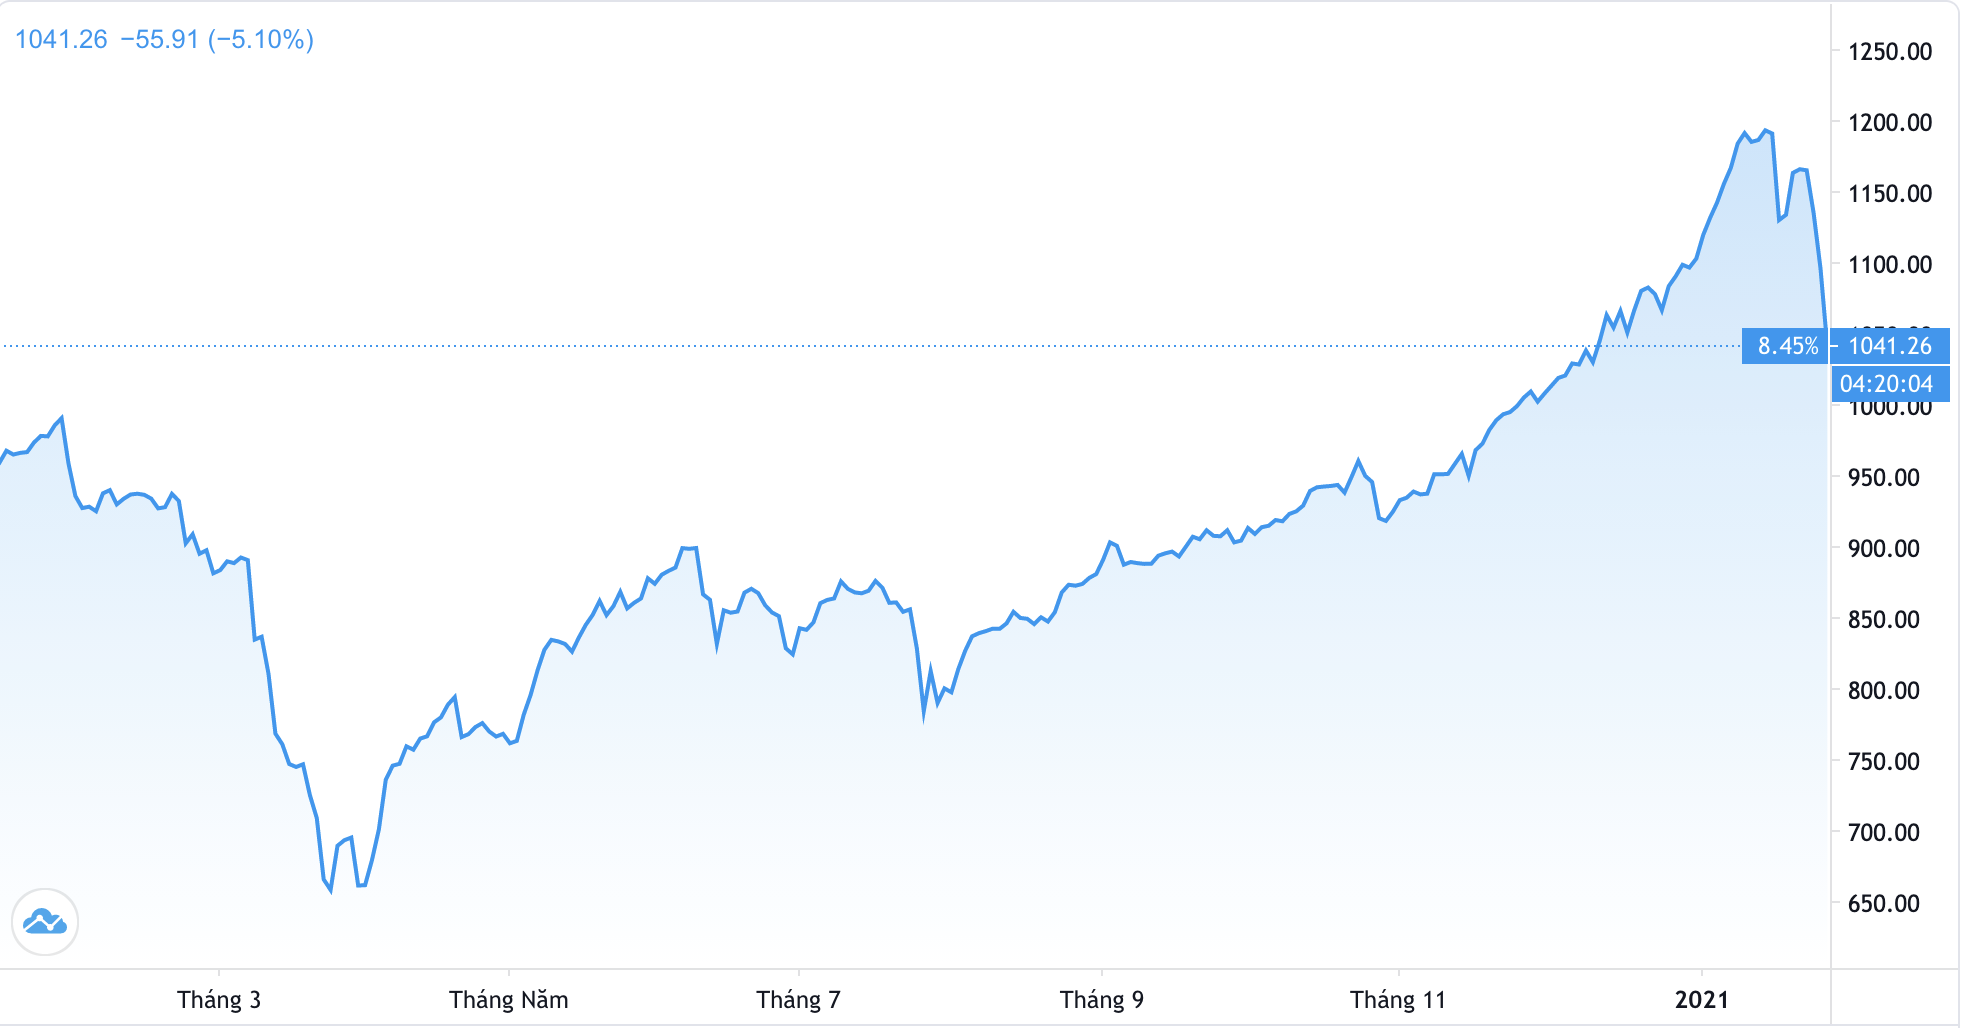 Chuyên gia Nguyễn Trí Hiếu: Nhà đầu tư cẩn trọng khả năng tồn tại bong bóng thị trường chứng khoán và Bitcoin - Ảnh 1.